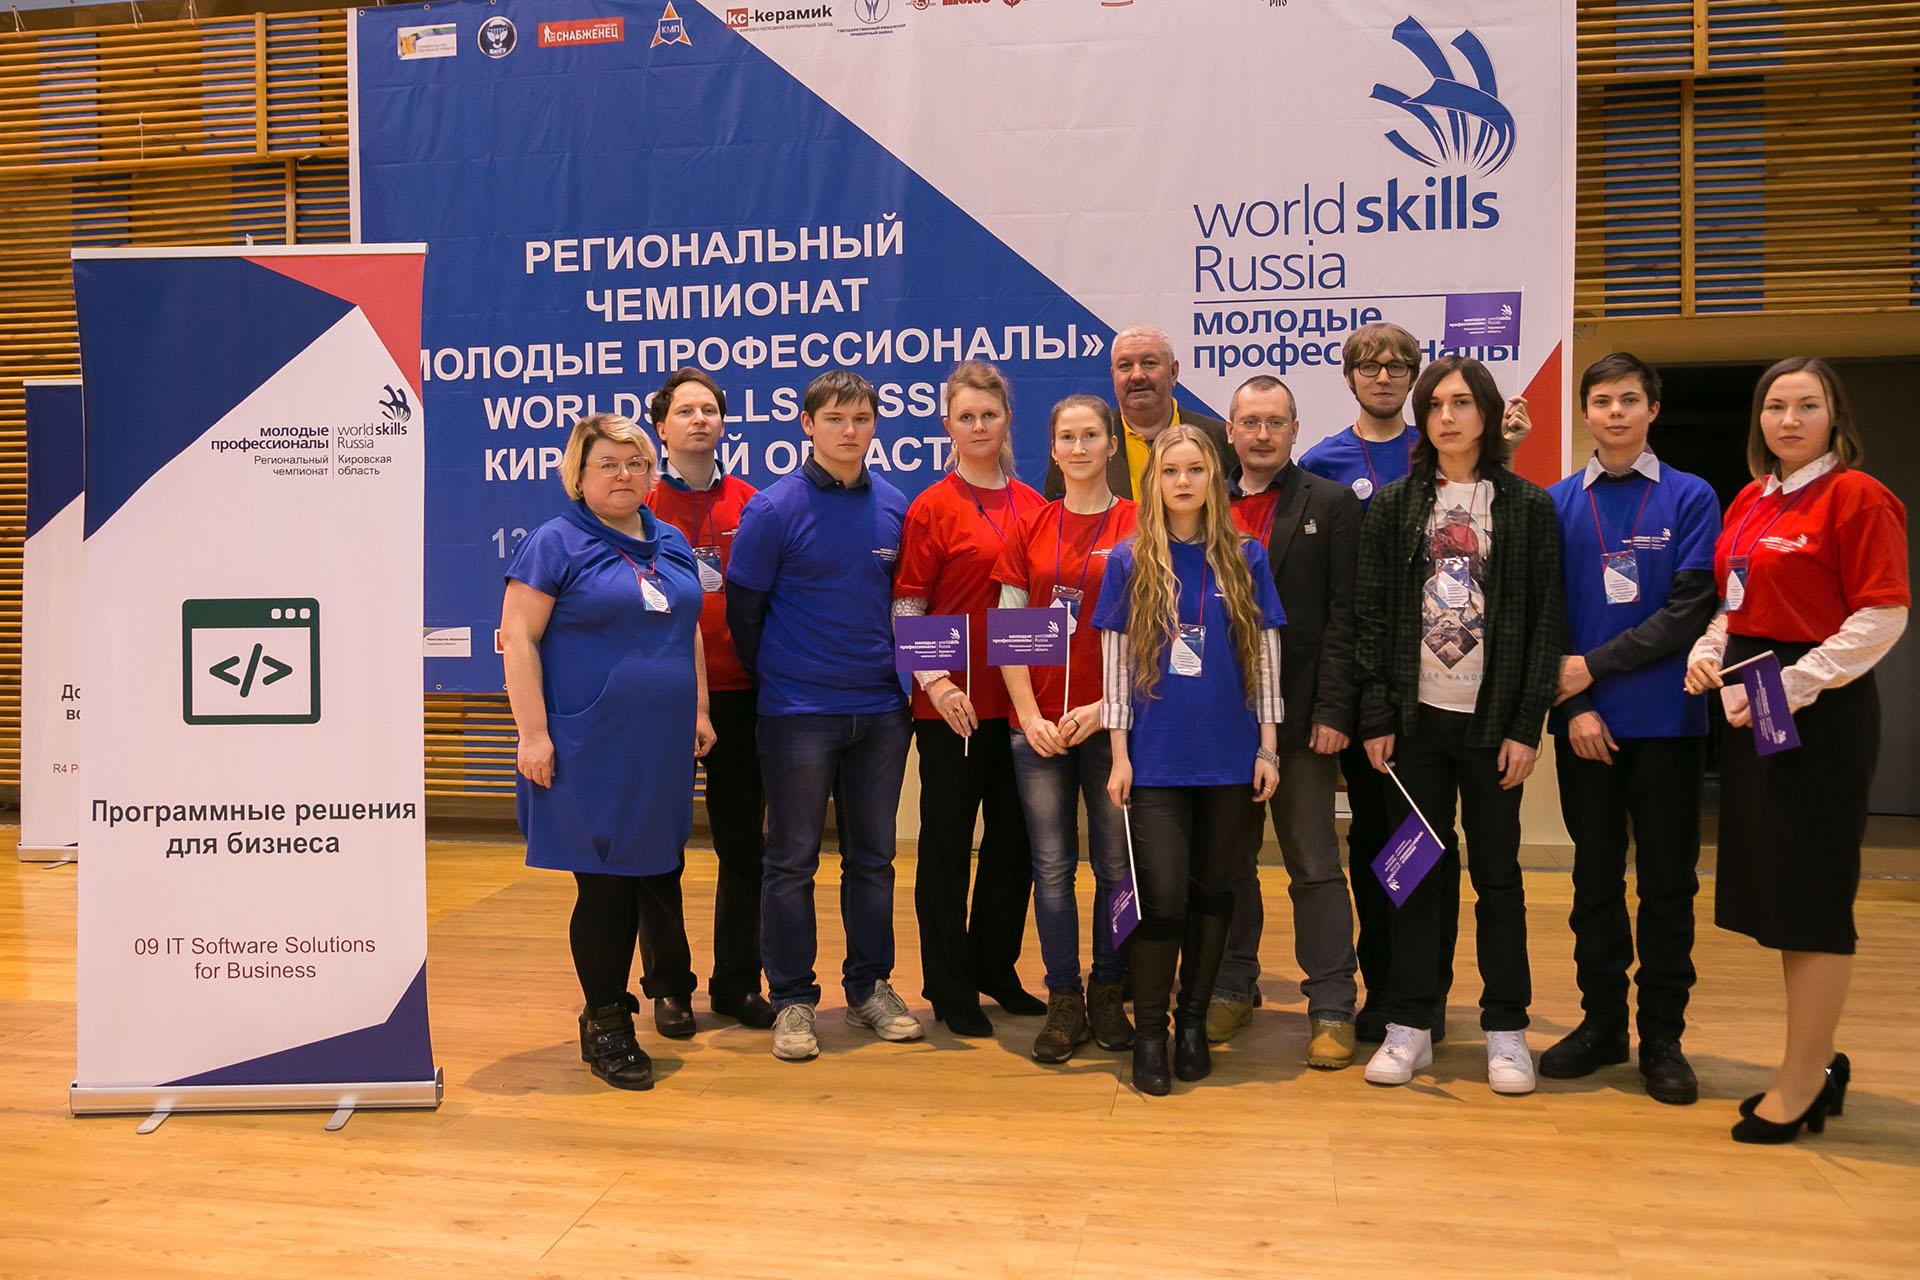 В ВятГУ стартует вузовский отборочный чемпионат по стандартам WorldSkills